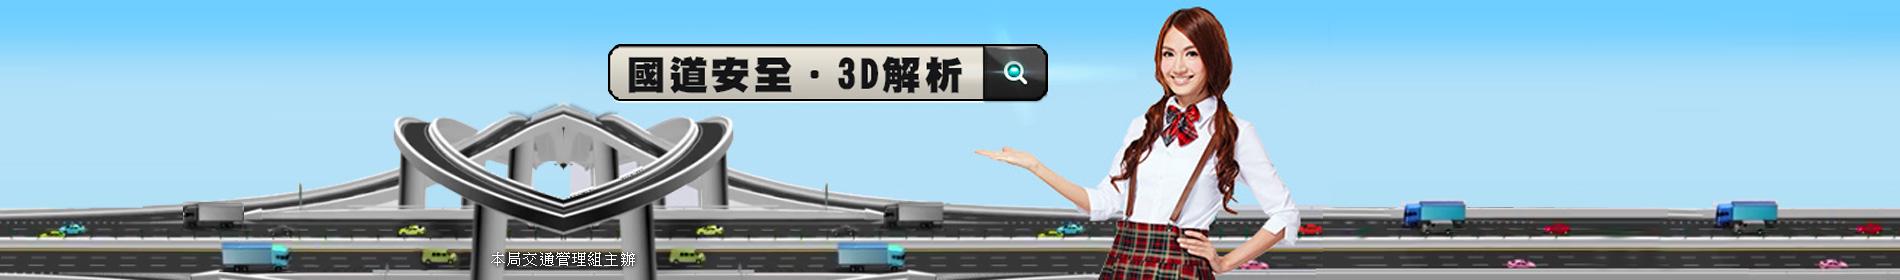 國道安全3D解析(另開新視窗)